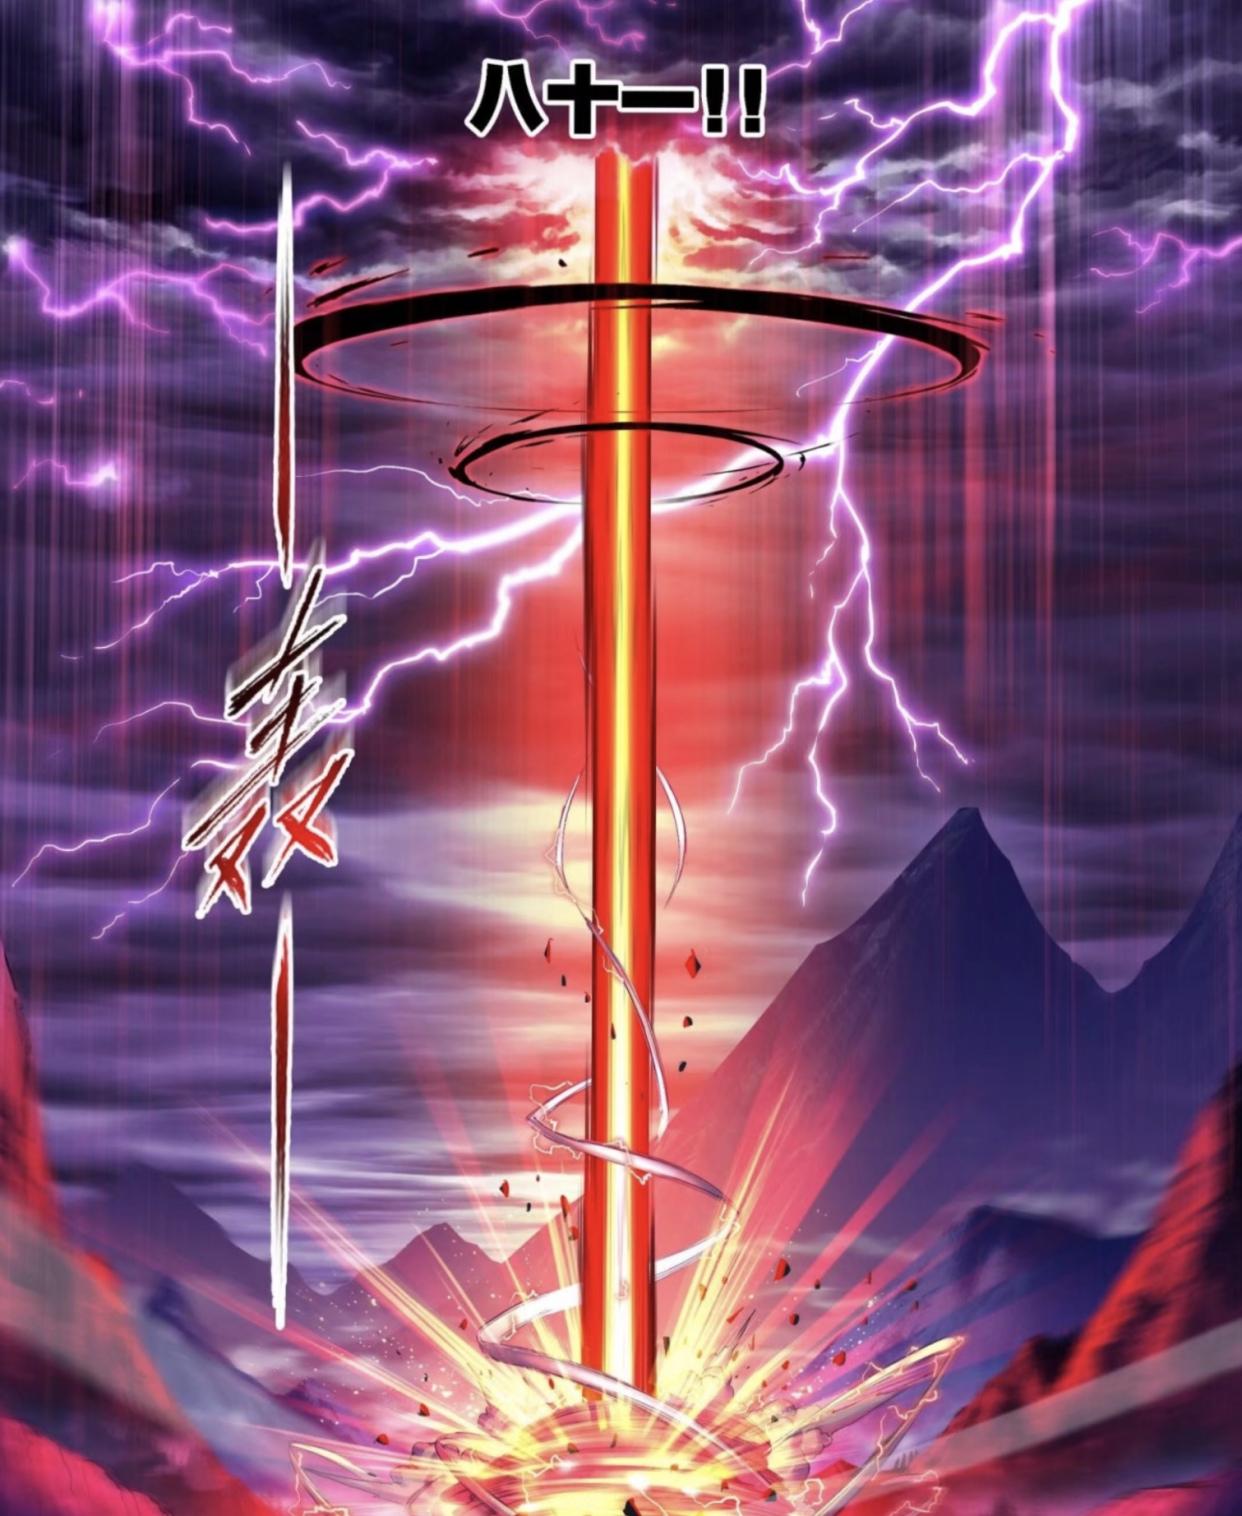 斗罗大陆:欧阳登场,裁决之主被打败,唐三得救